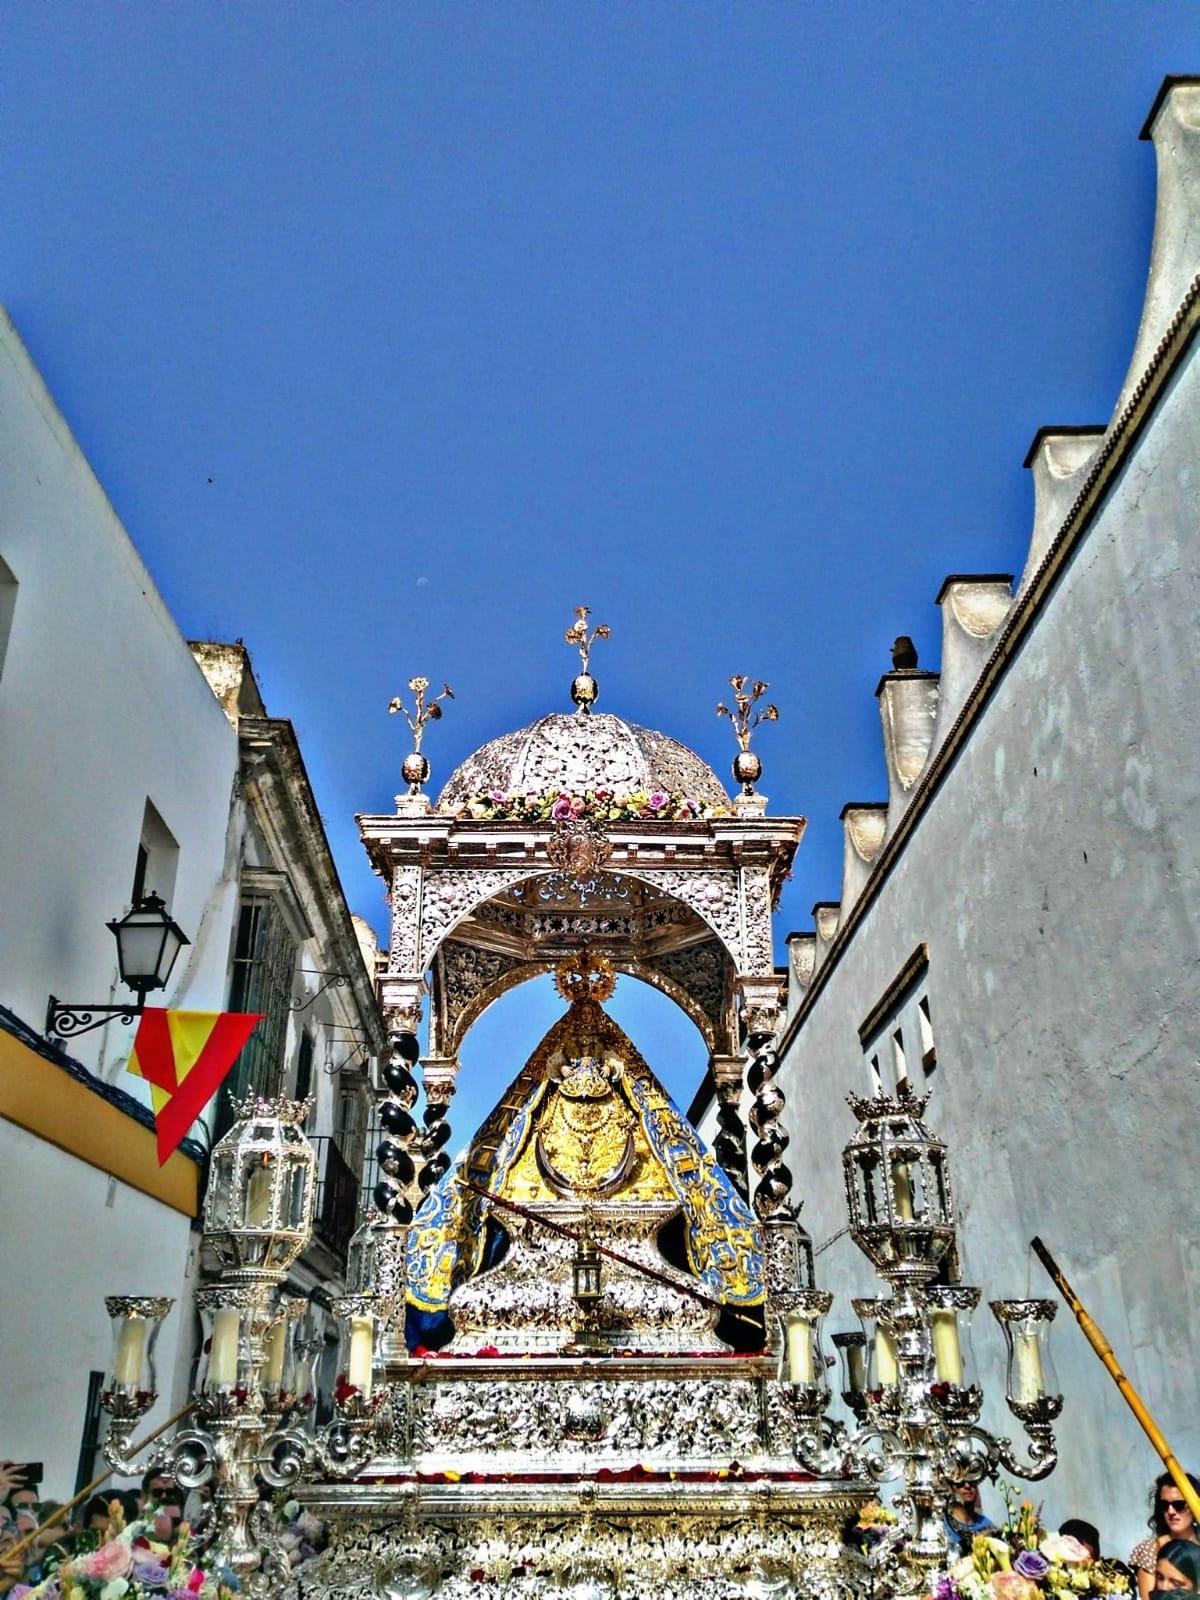 Cultos Y Novena A Nuestra Señora De La Caridad De Sanlúcar De Barrameda Ondapasion Com Tu Visión Cofrade